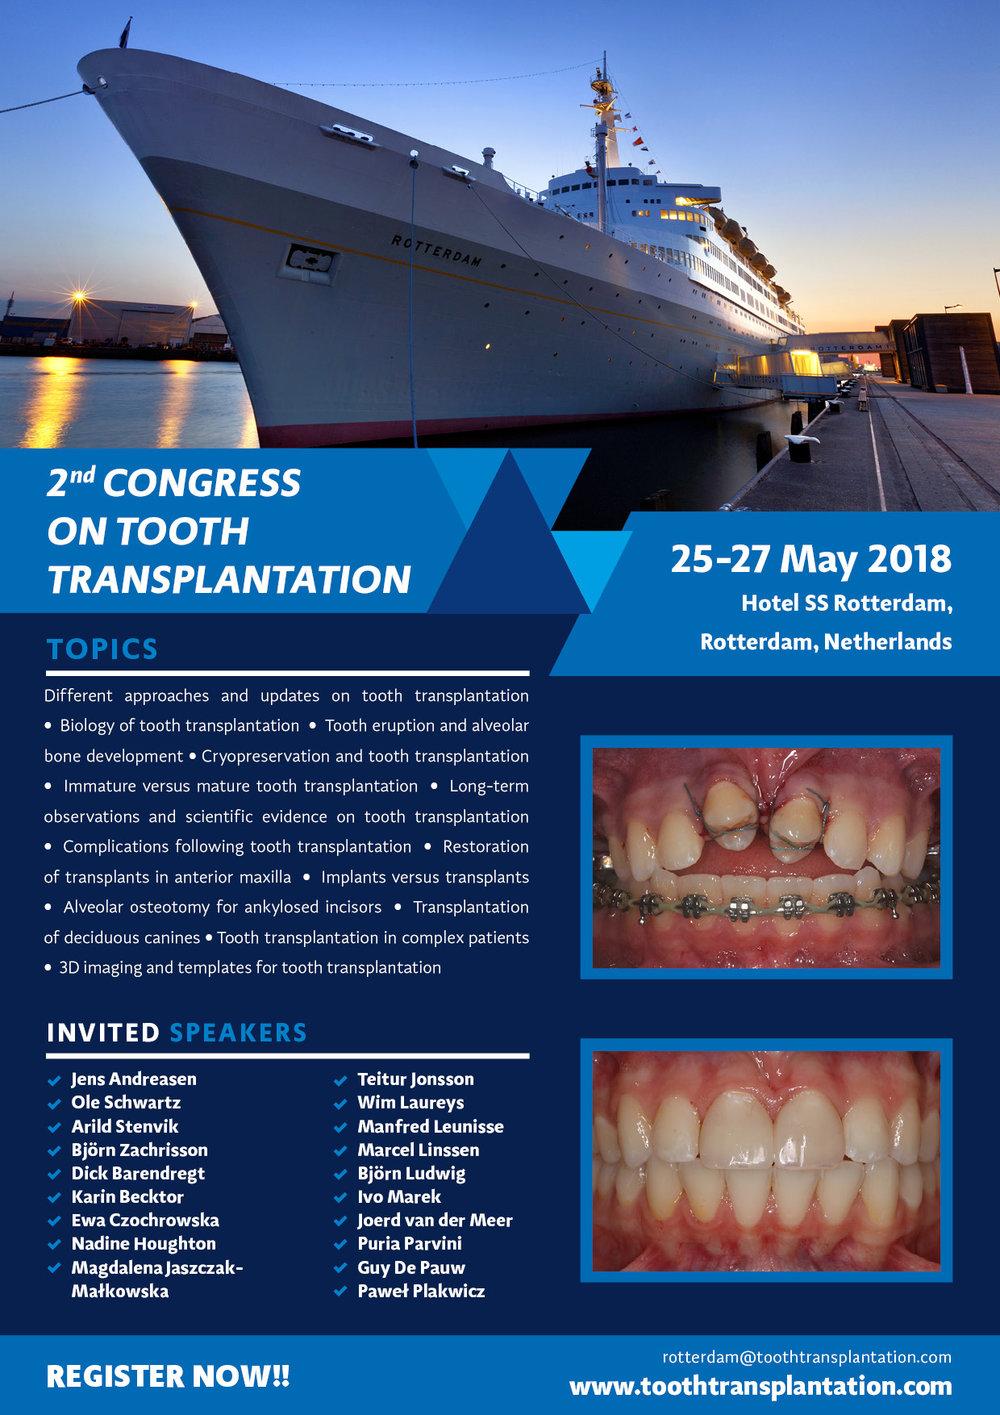 20180124_rotterdam_toothtransplantation_flyer_A4.jpg